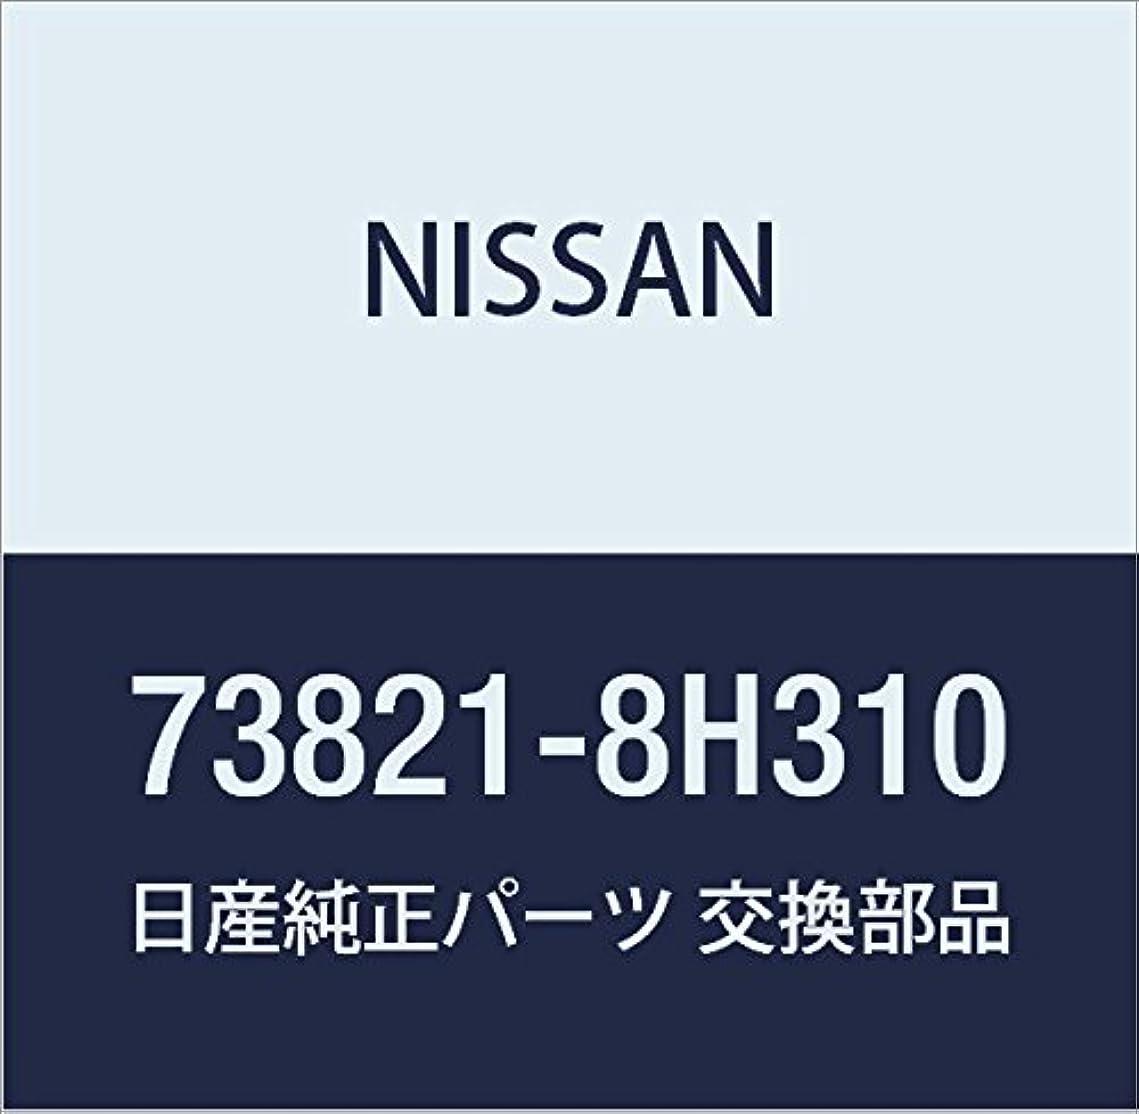 へこみ汚染サーカスNISSAN(ニッサン)日産純正部品ラック ルーフ LH 73821-8H310